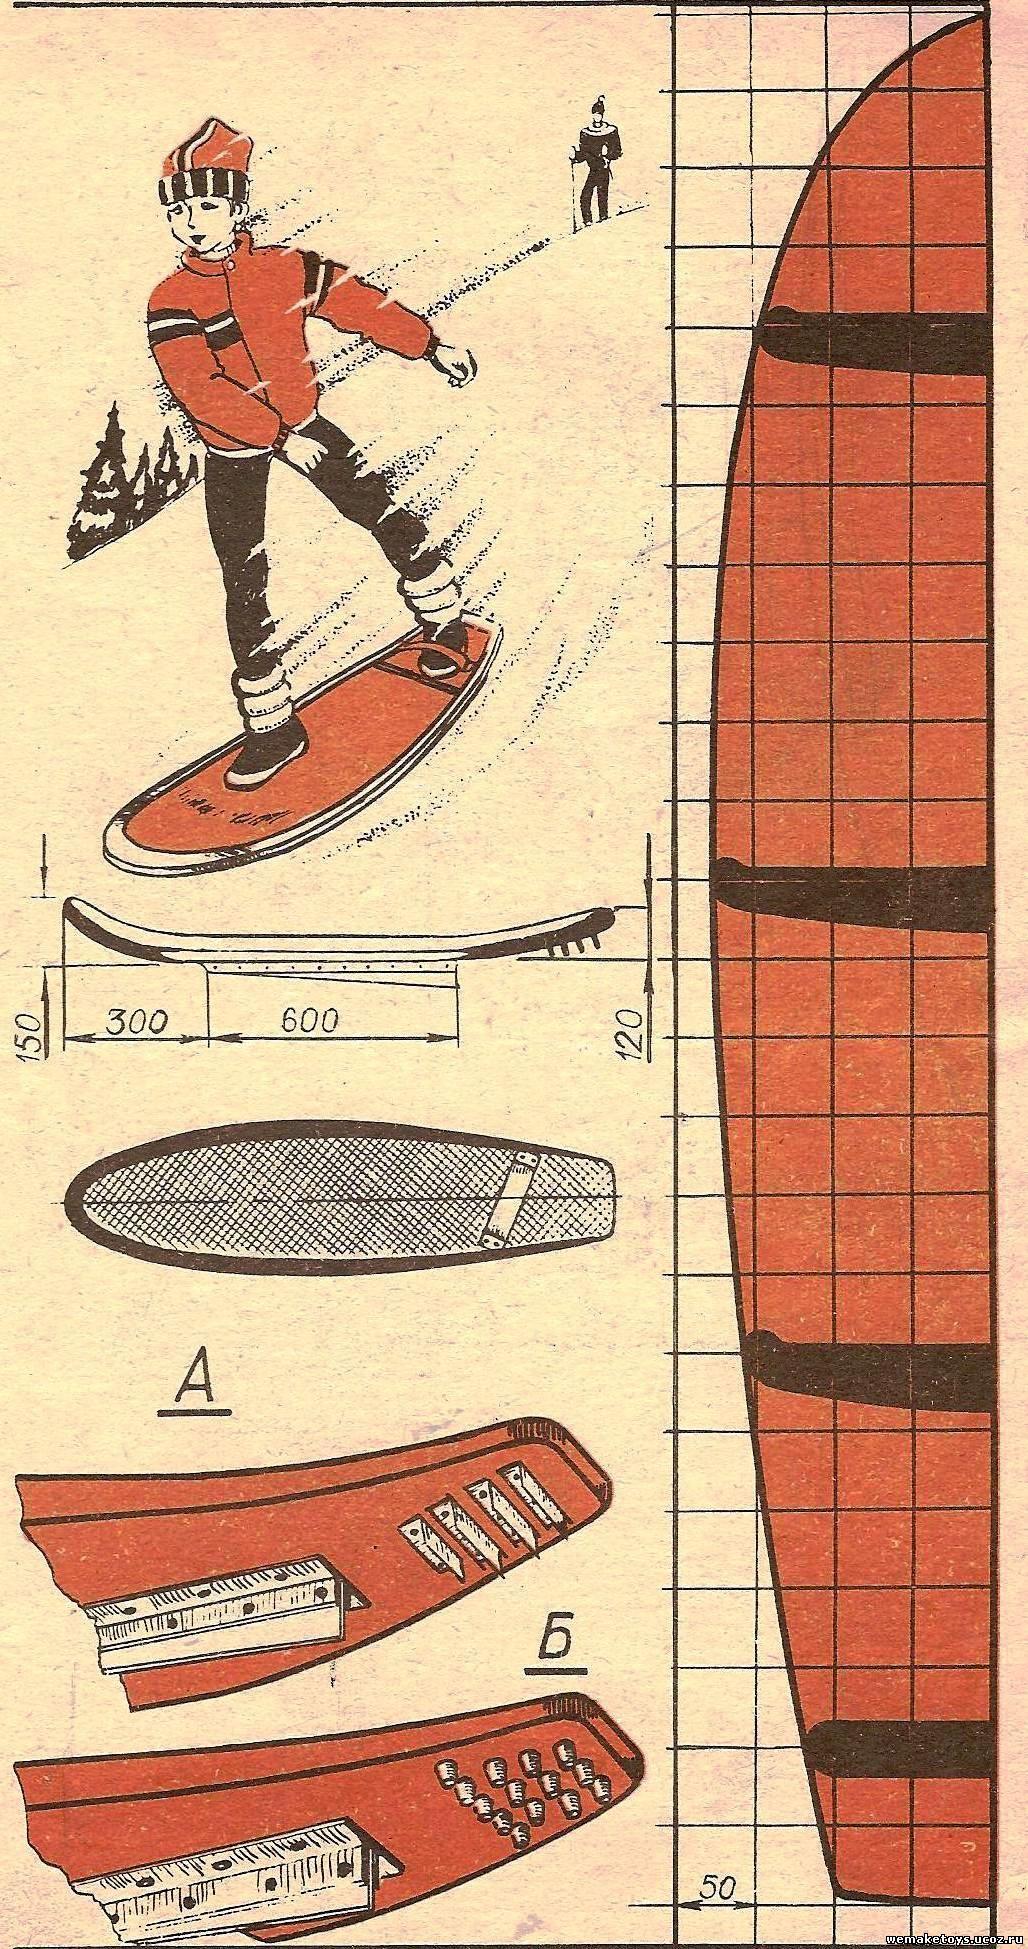 Поделки для скейтов своими руками - Поделки своими руками